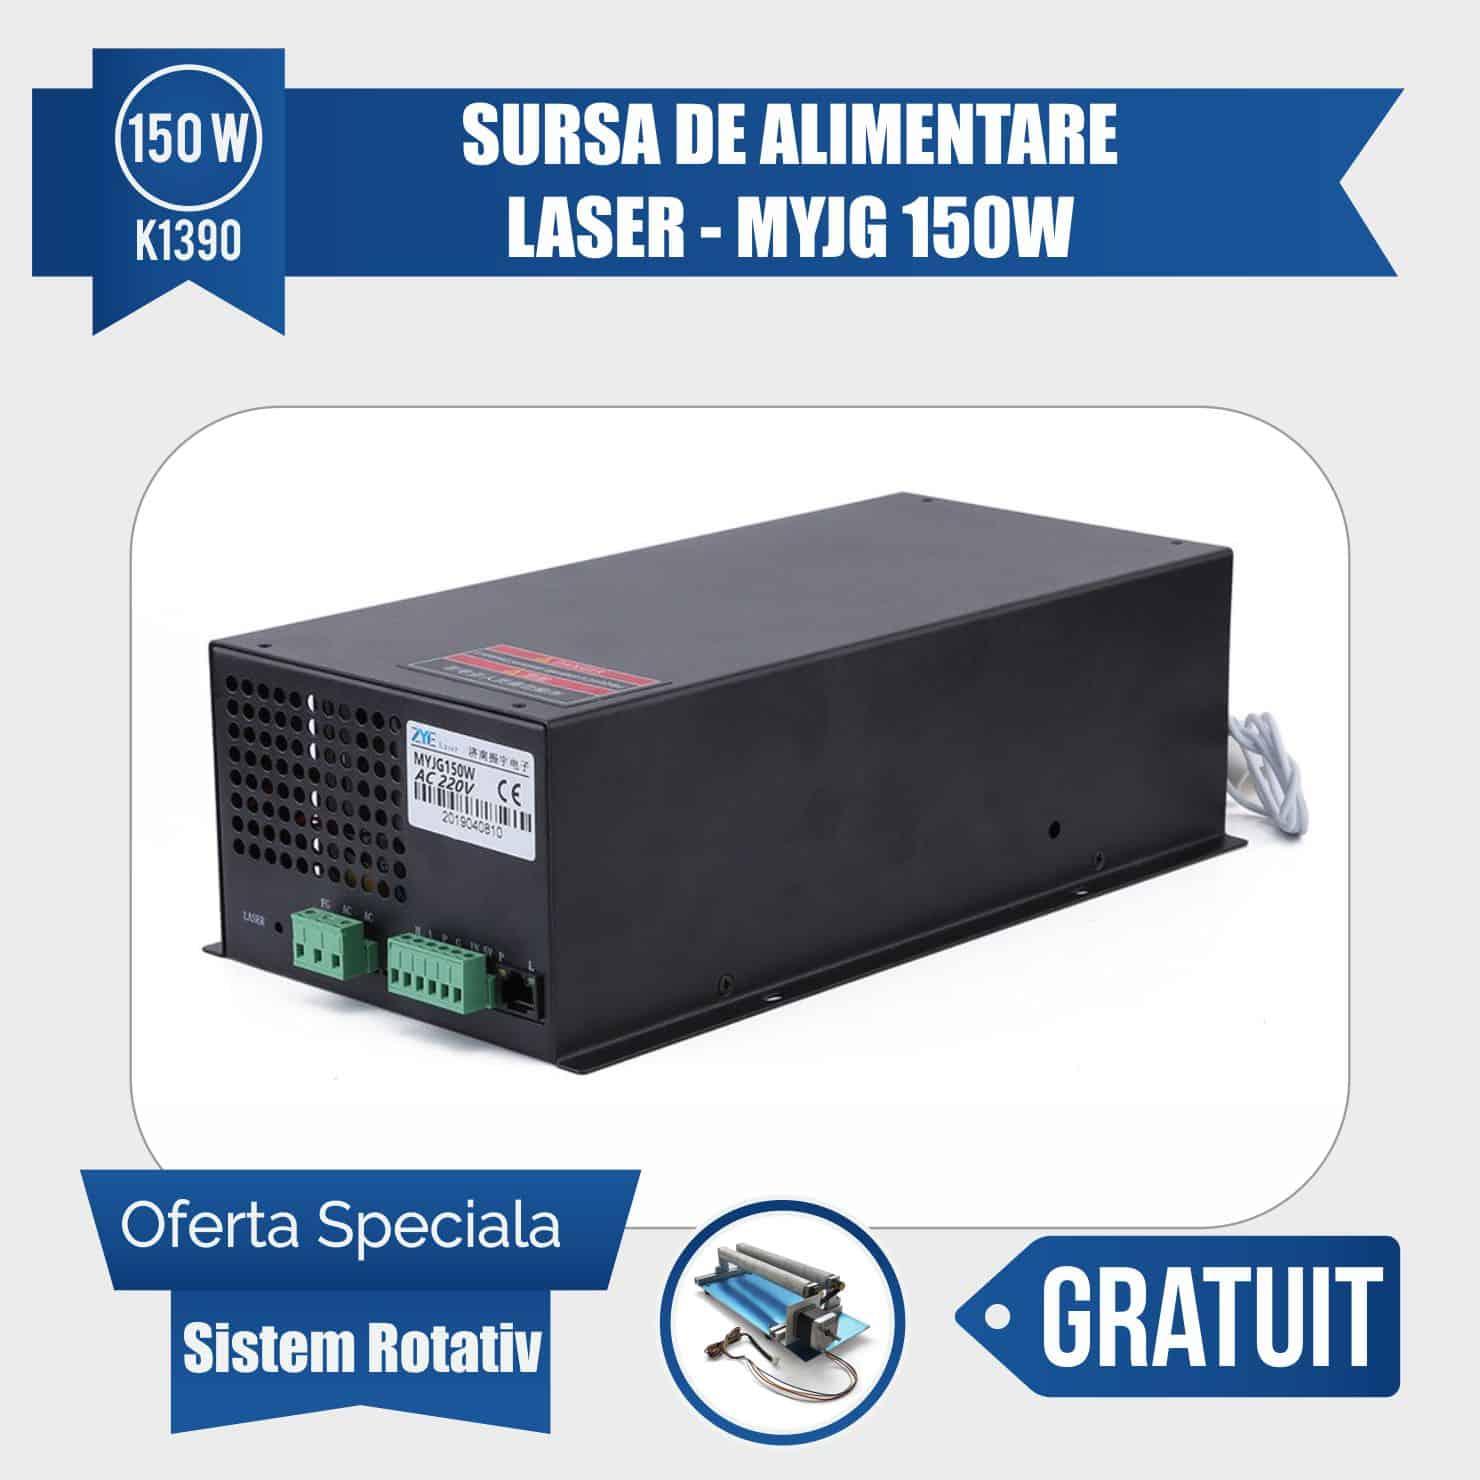 sursa laser 150w